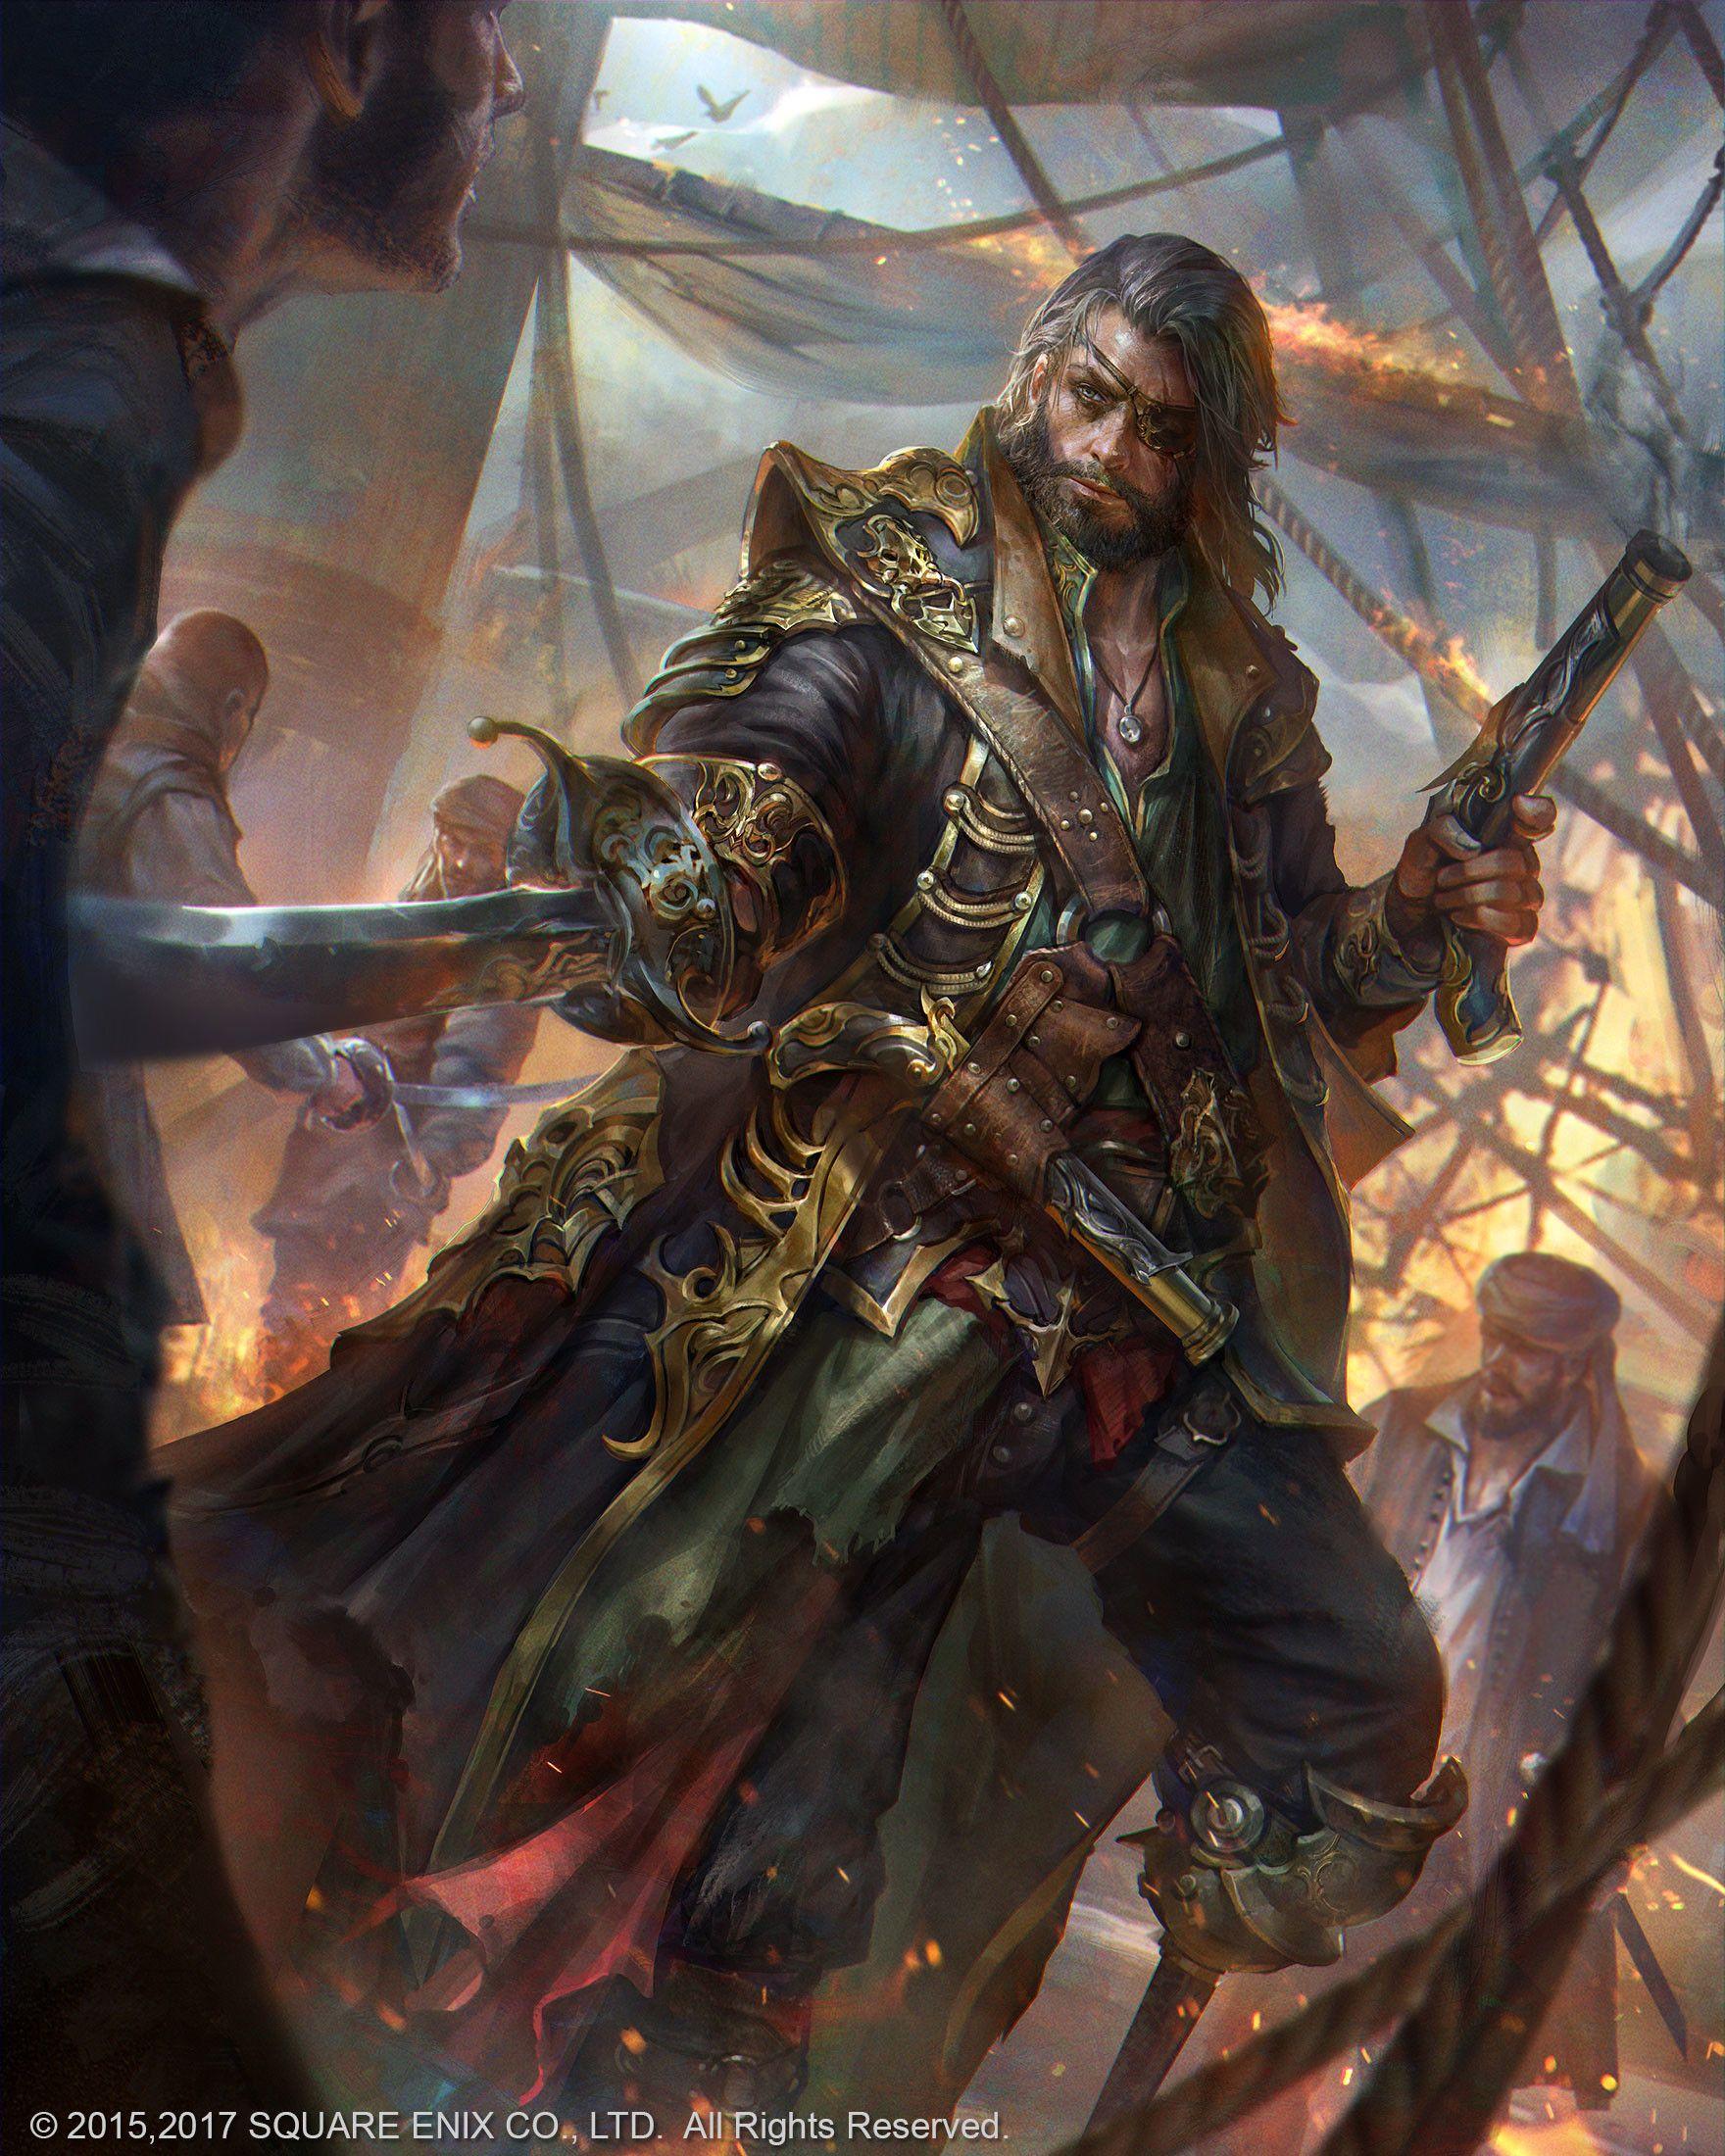 [Αρχή] The Sacra Ligua pirate alliance 2c964496d99cdb69ee1a647dc36eeeb9